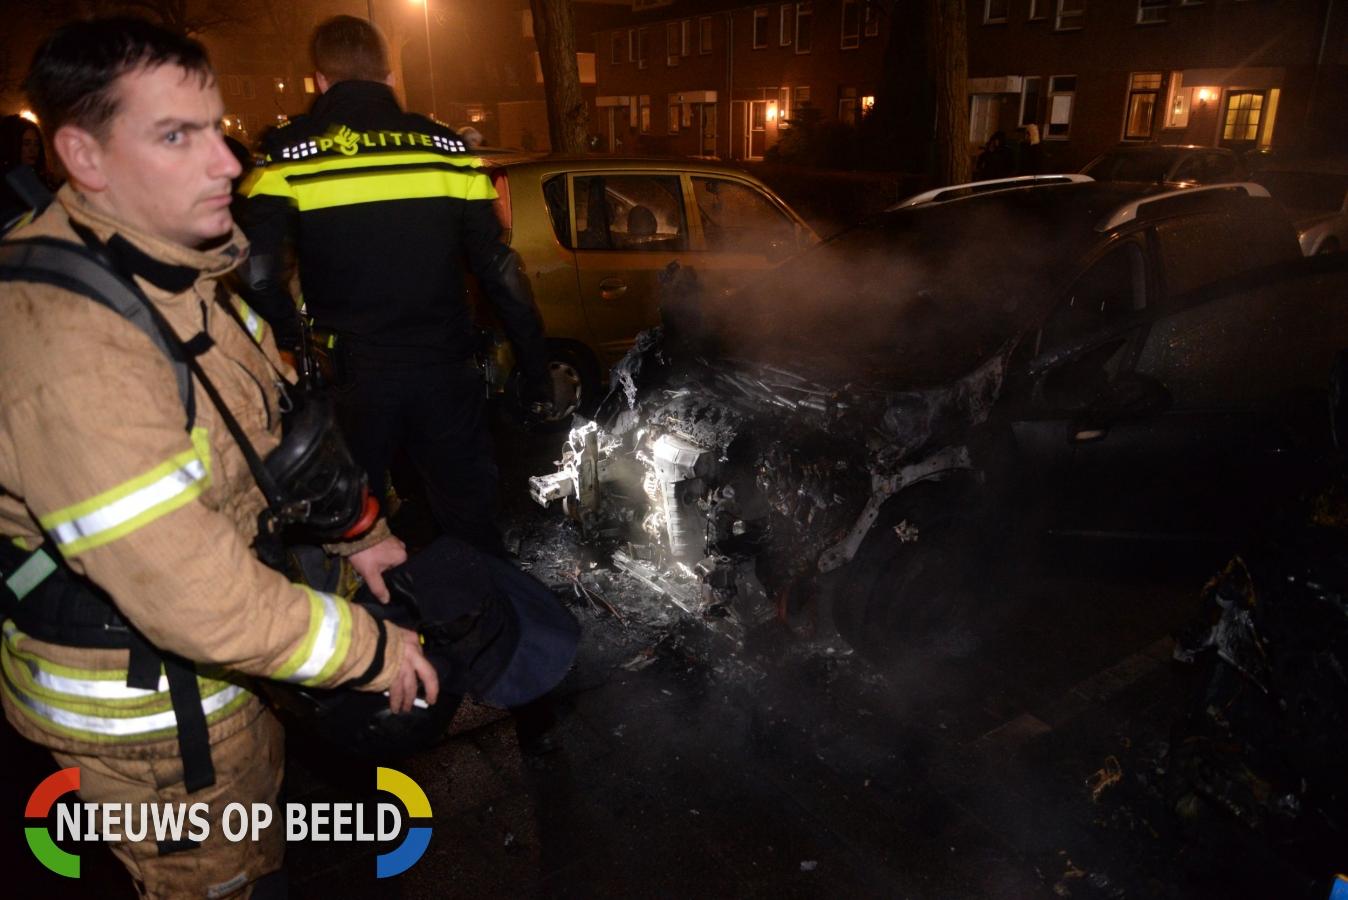 Twee auto's in brand Adriaan Roland Holststraat Rotterdam